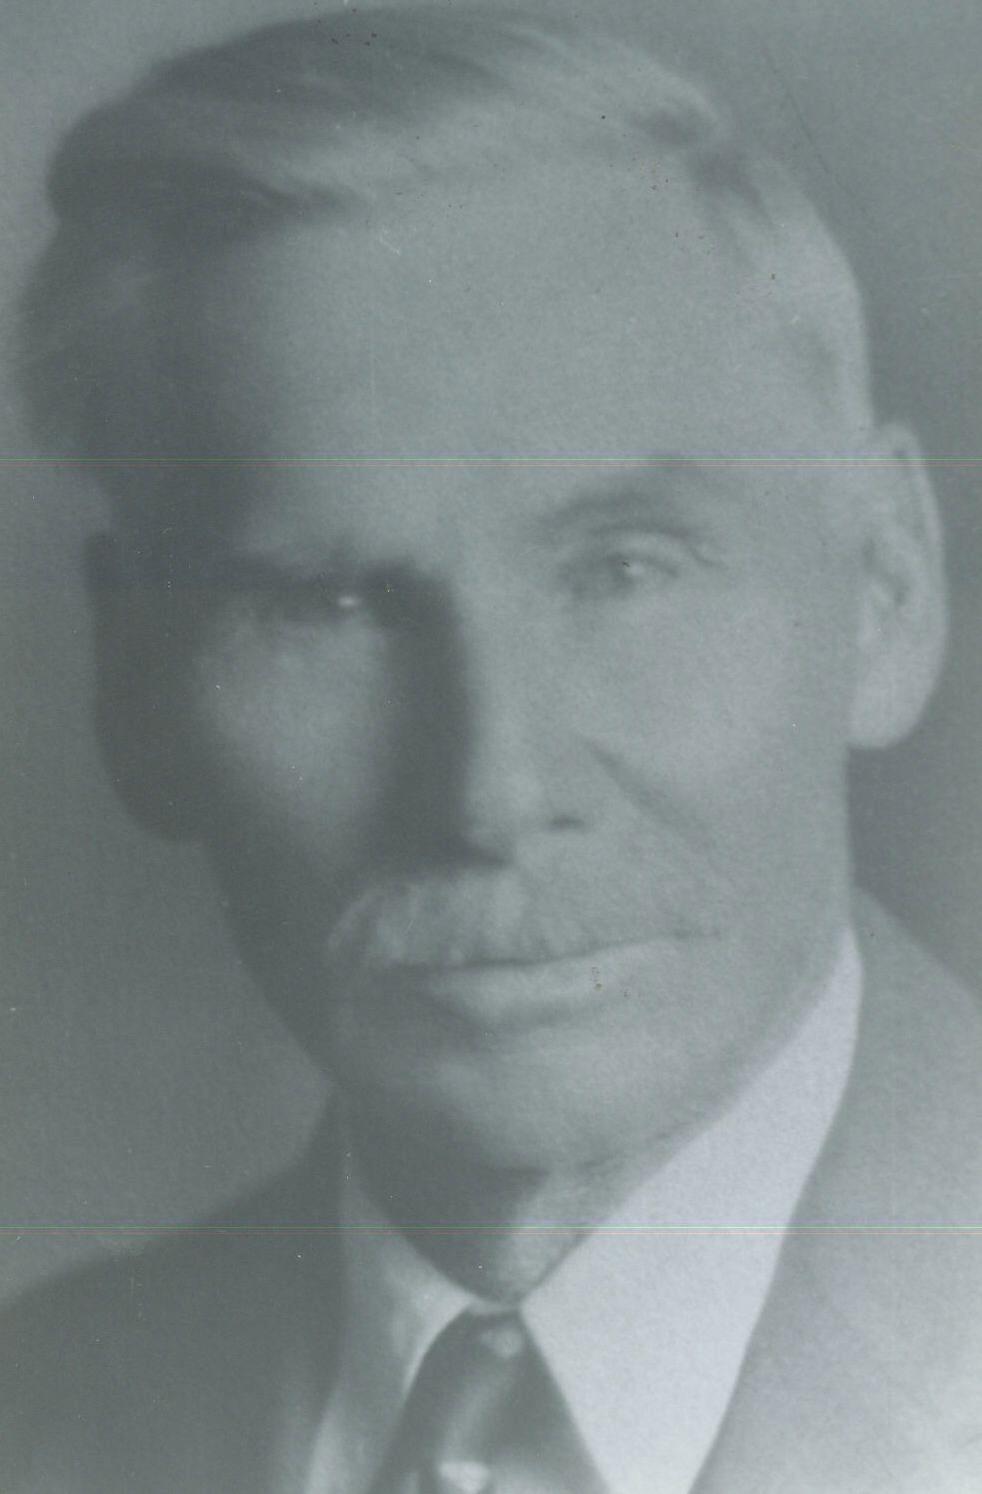 Baker, Wiear Leavitt